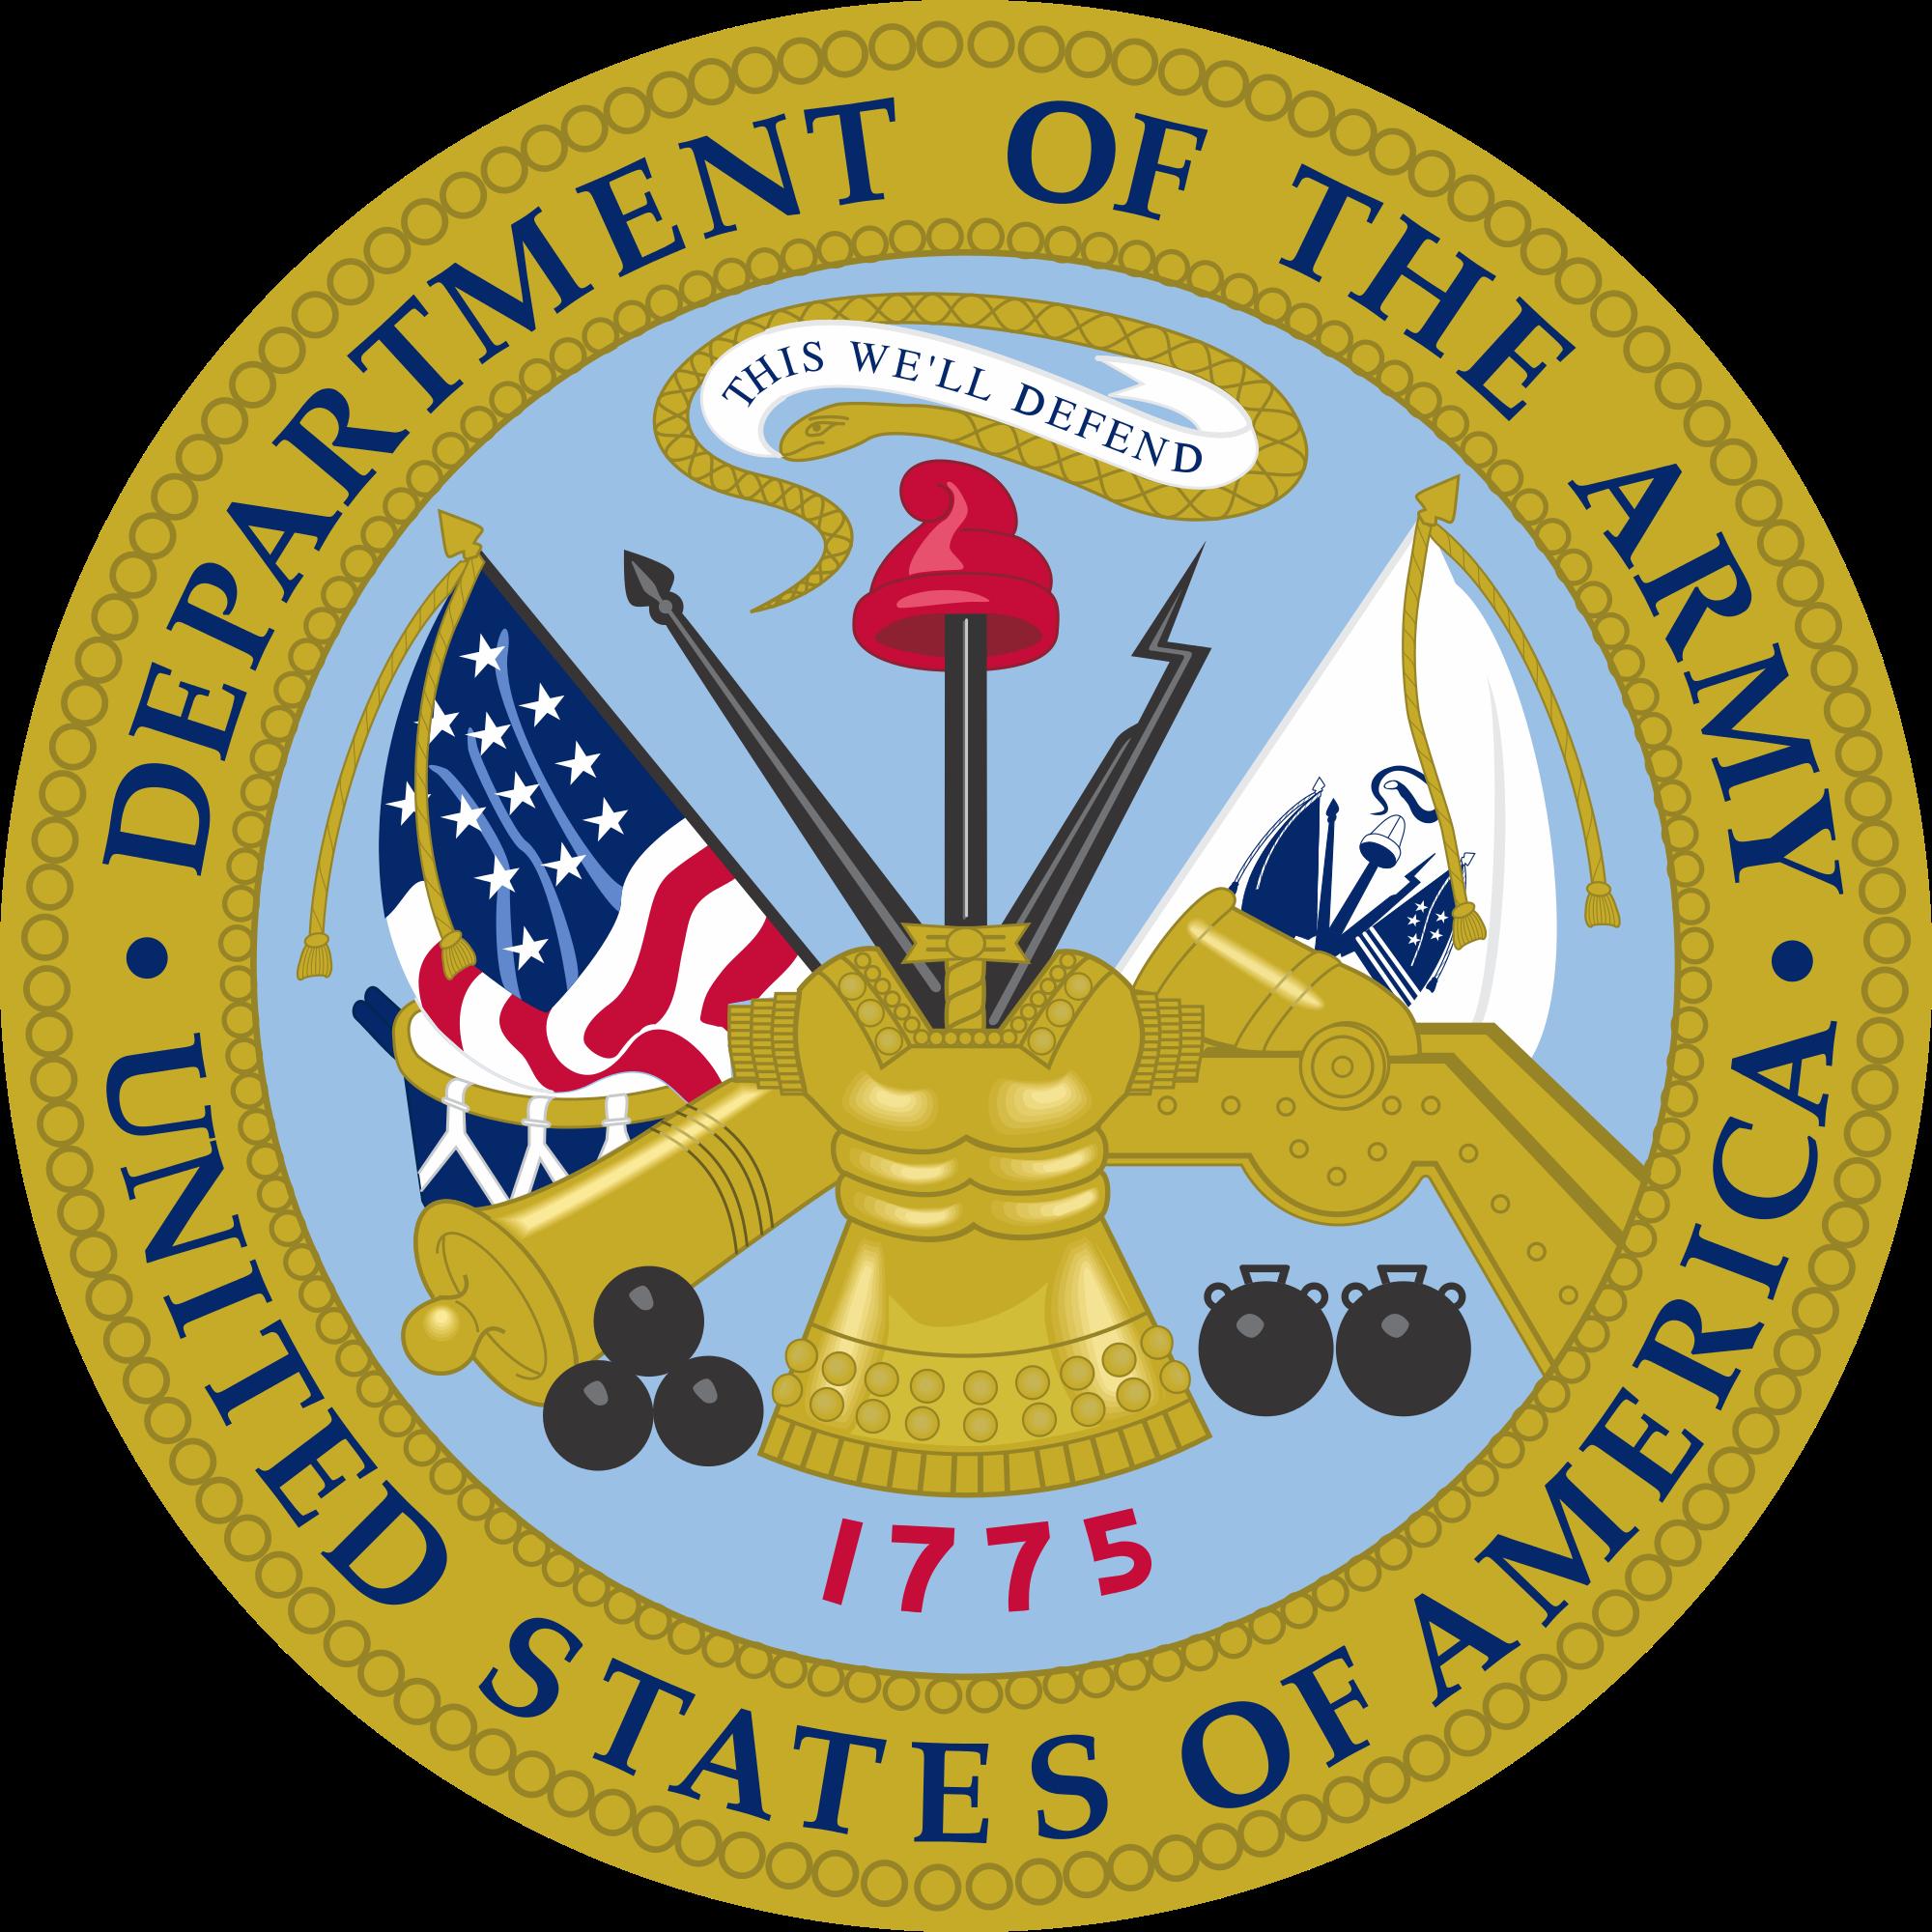 McKay, Col. William, USA (Ret)